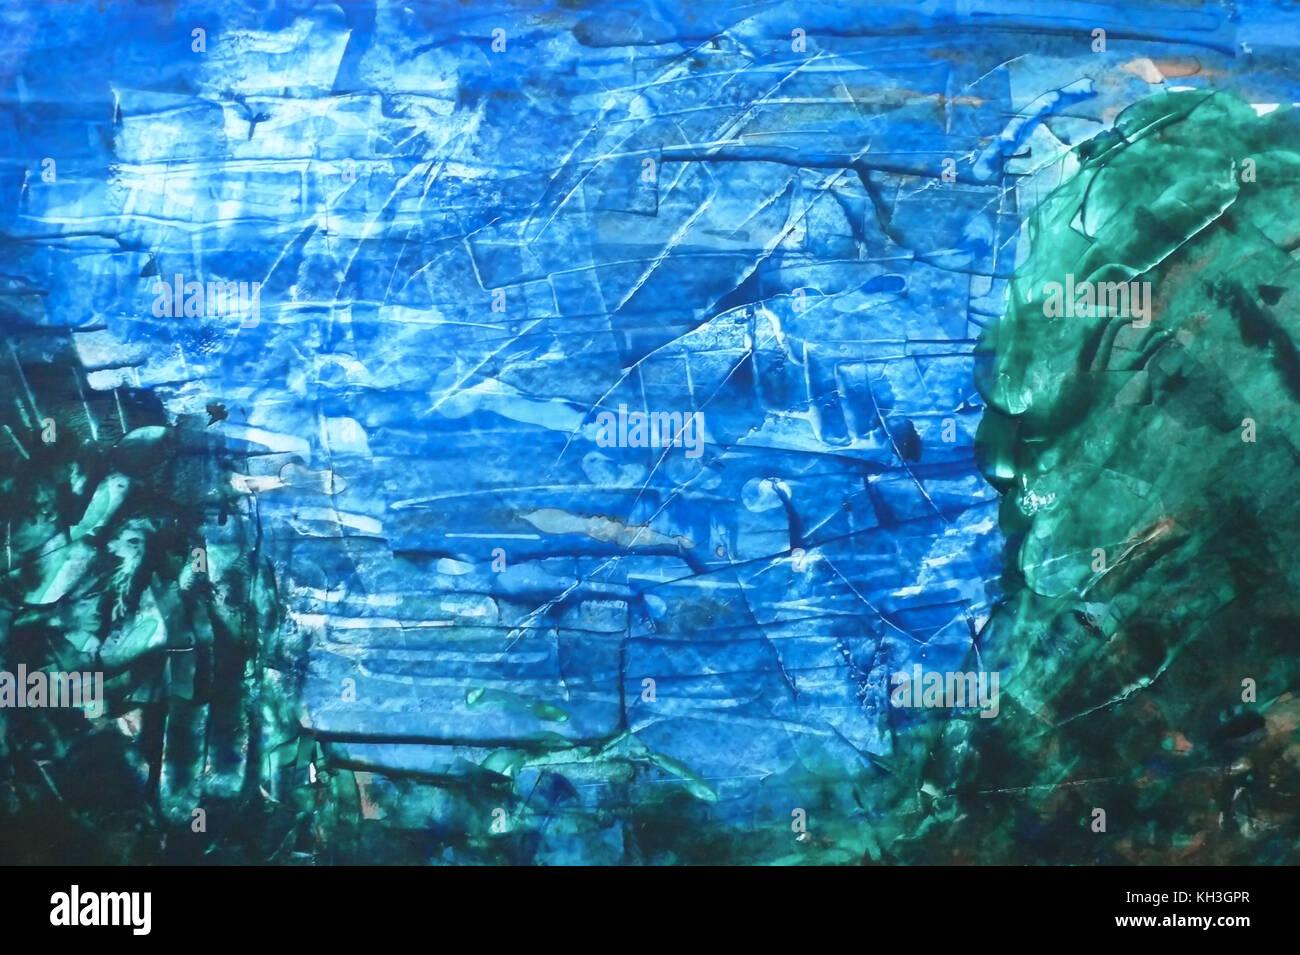 malerei mit acryl auf leinwand abstrakte kunst hintergrund fr unterschiedliche verwendungen oder als motiv fr den druck auf leinwand